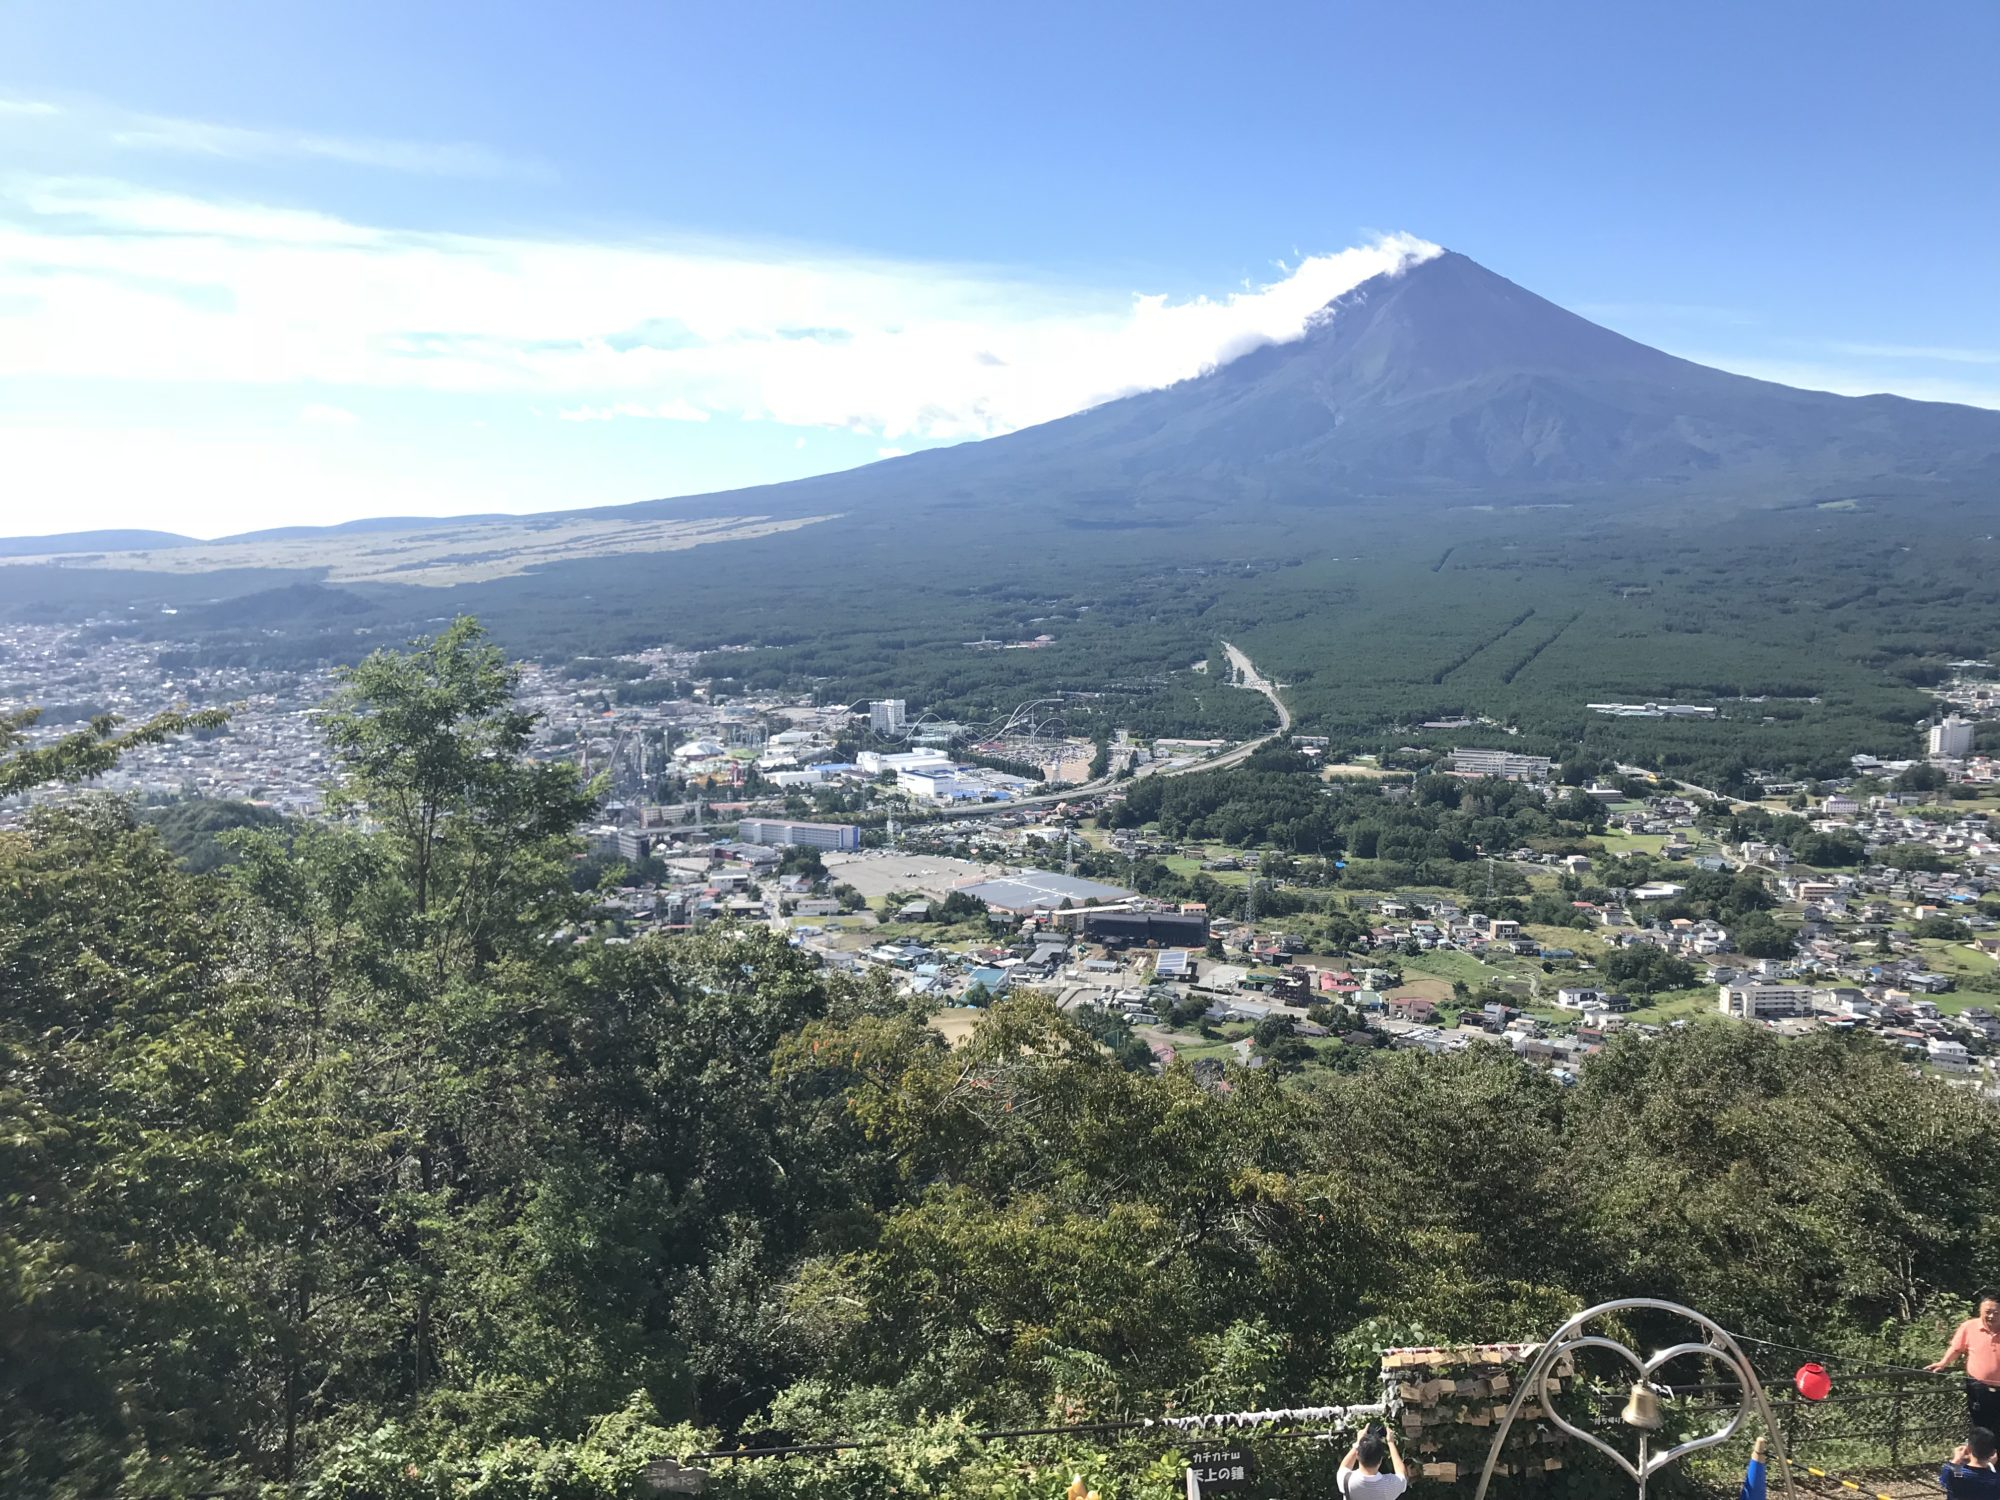 富士山パノラマロープウェイ展望台からの富士山